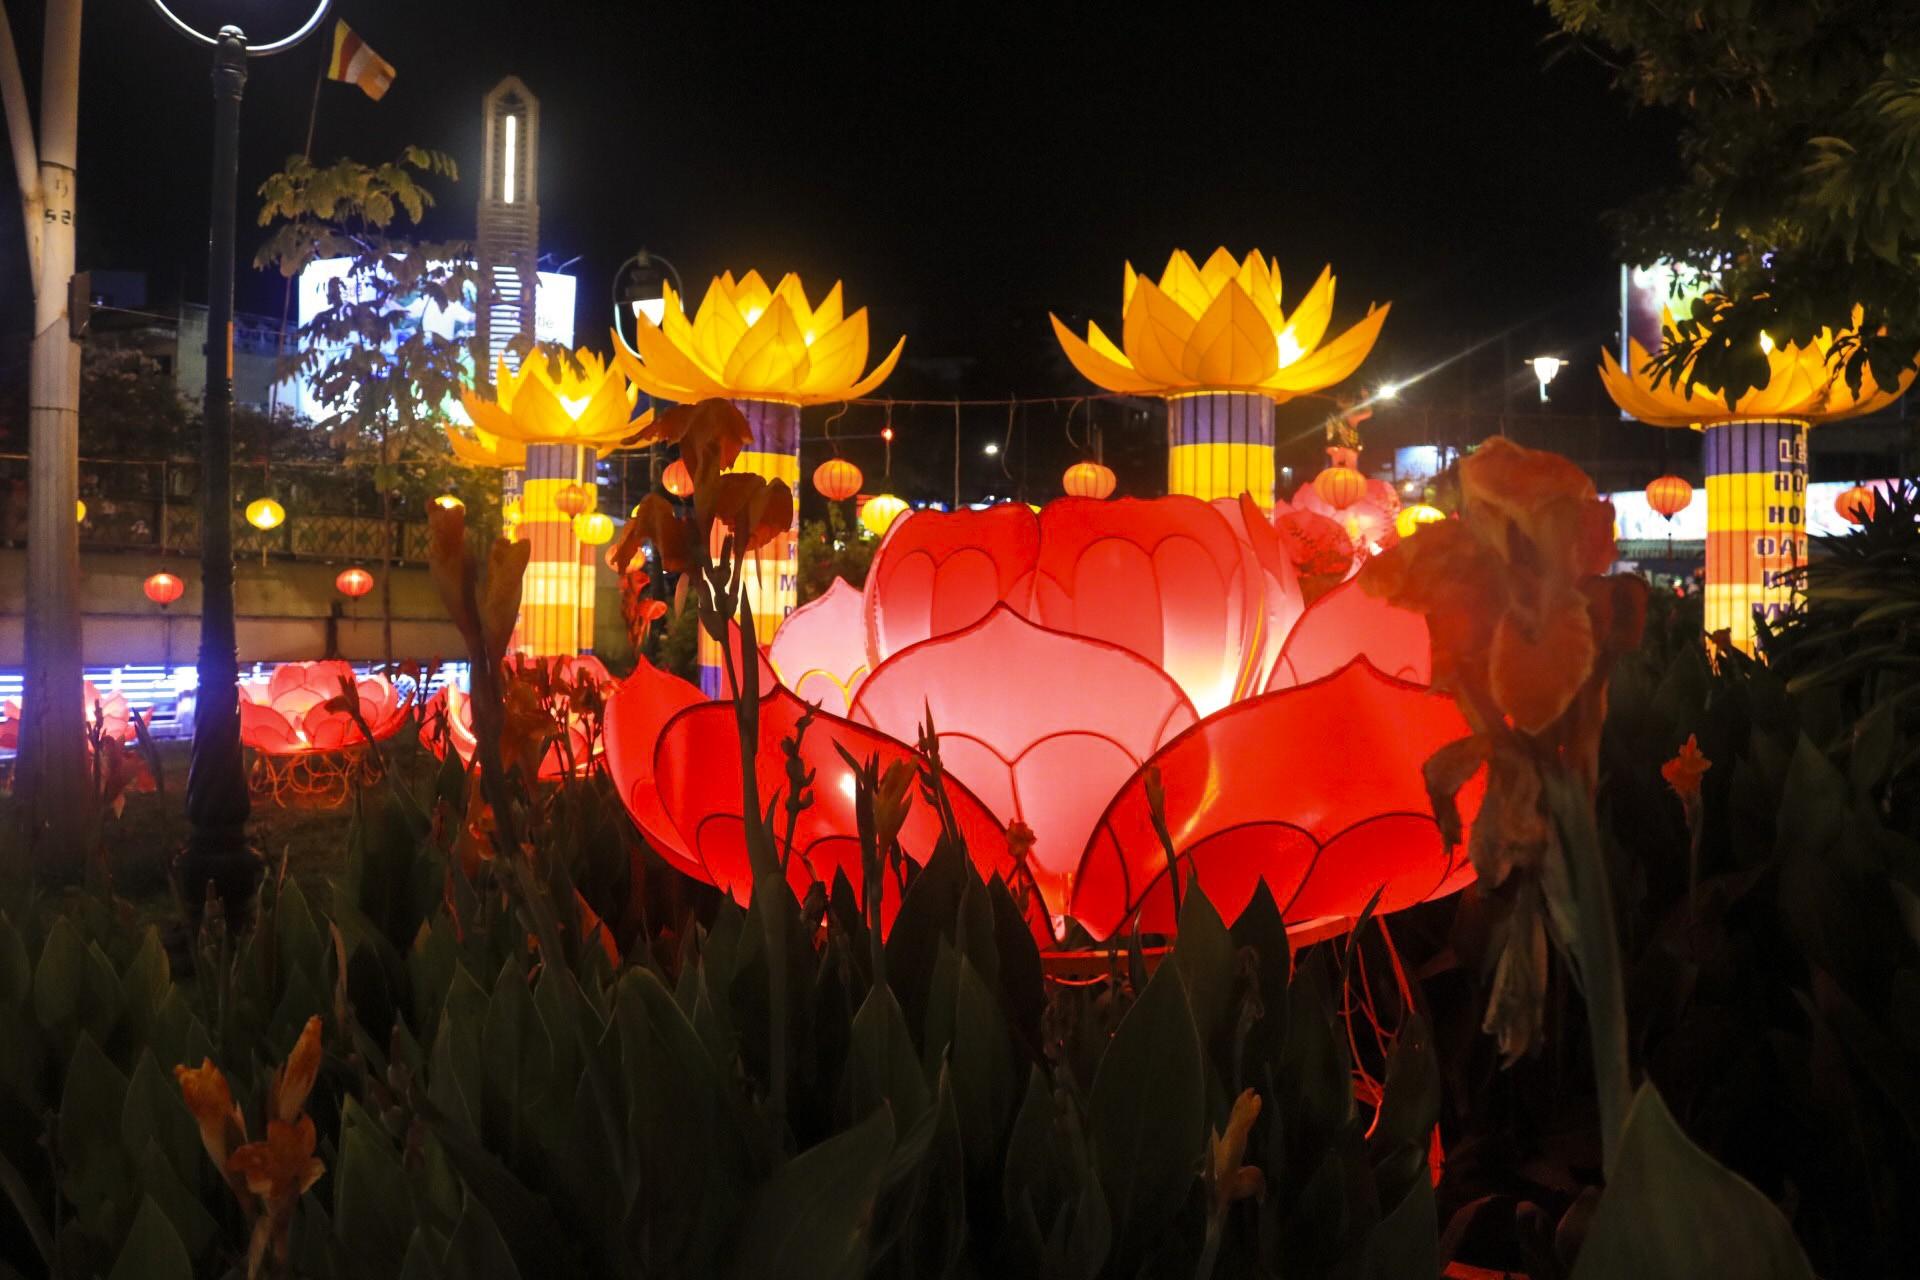 Ngắm vẻ lung linh của chùa Pháp Hoa trước Đại lễ Phật Đản Vesak 2019 - Ảnh 8.